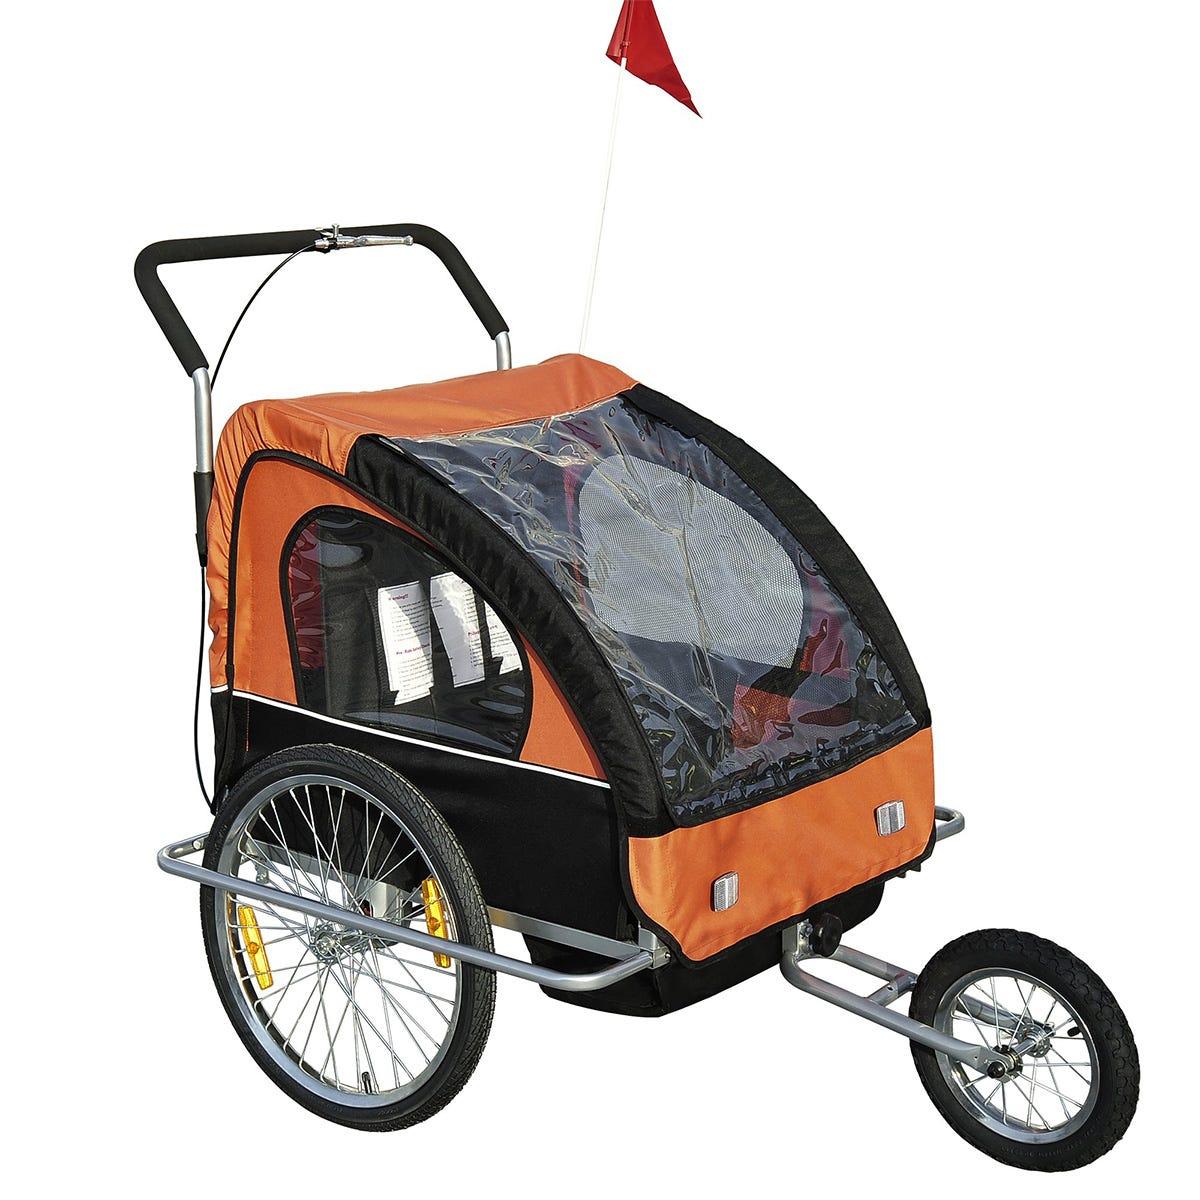 Reiten Multifunctional Kids 2 Seater Bicycle Trailer & Stroller - Black/Orange